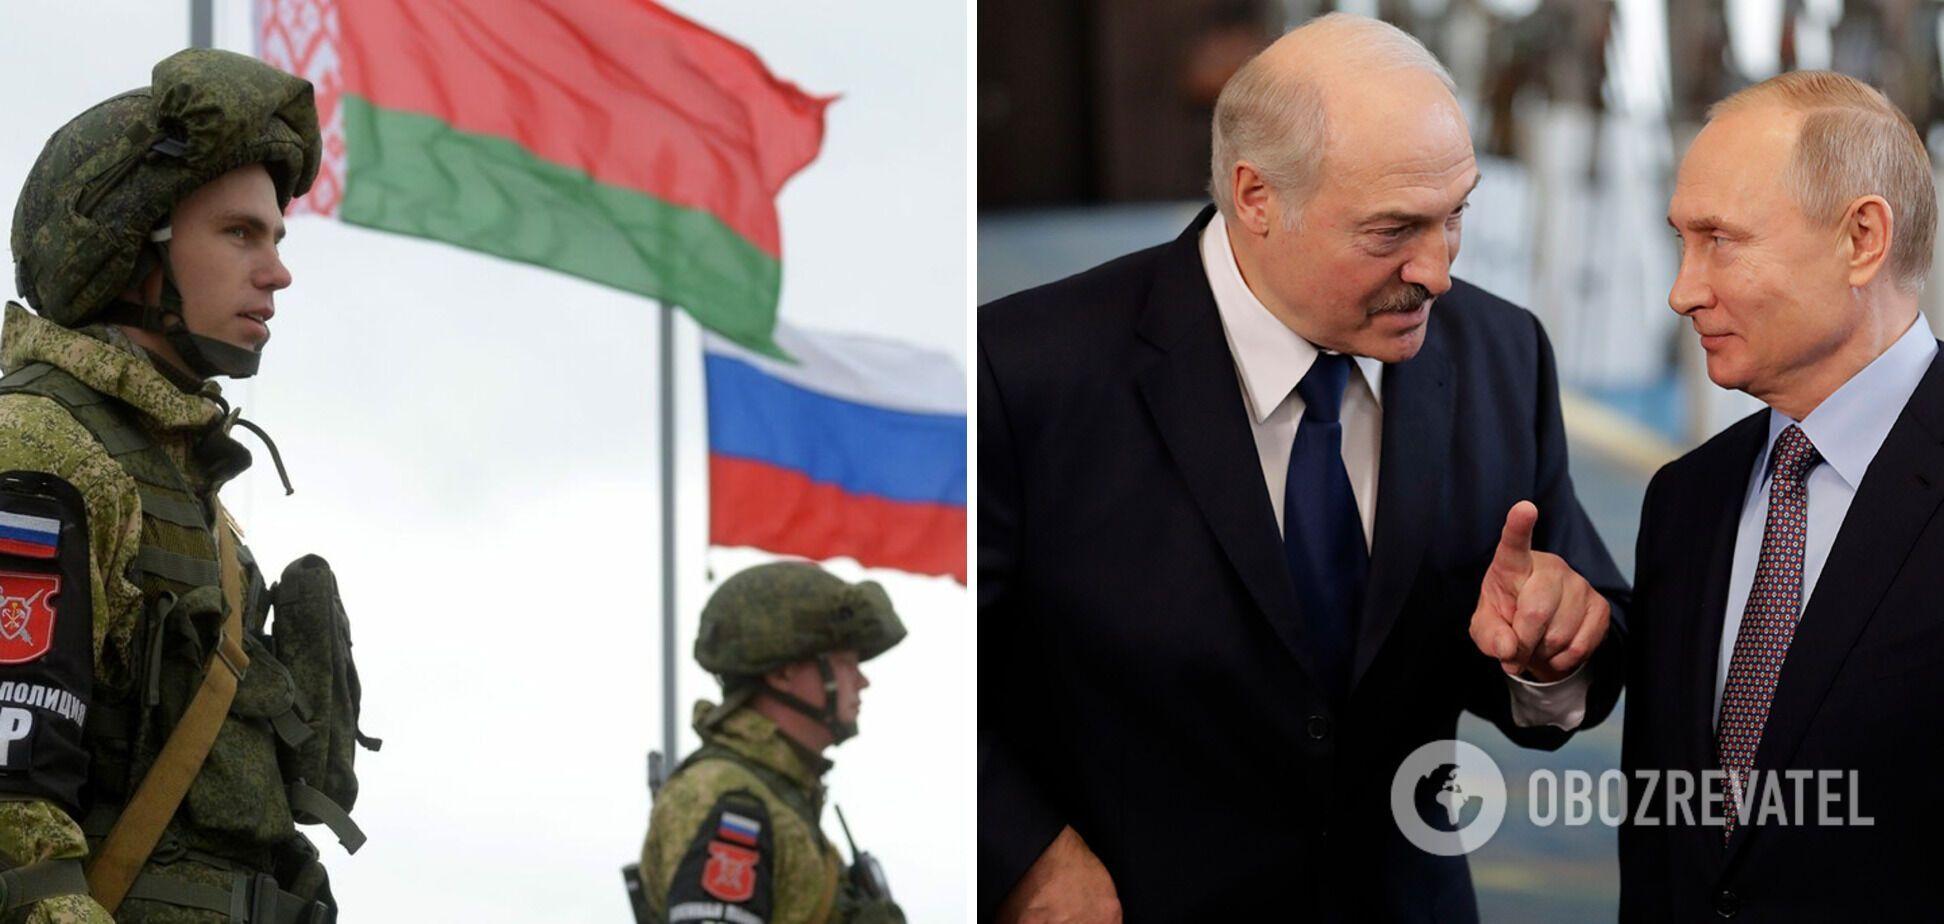 Диктатор Лукашенко повністю залежний від Путіна. У цьому велика небезпека для України